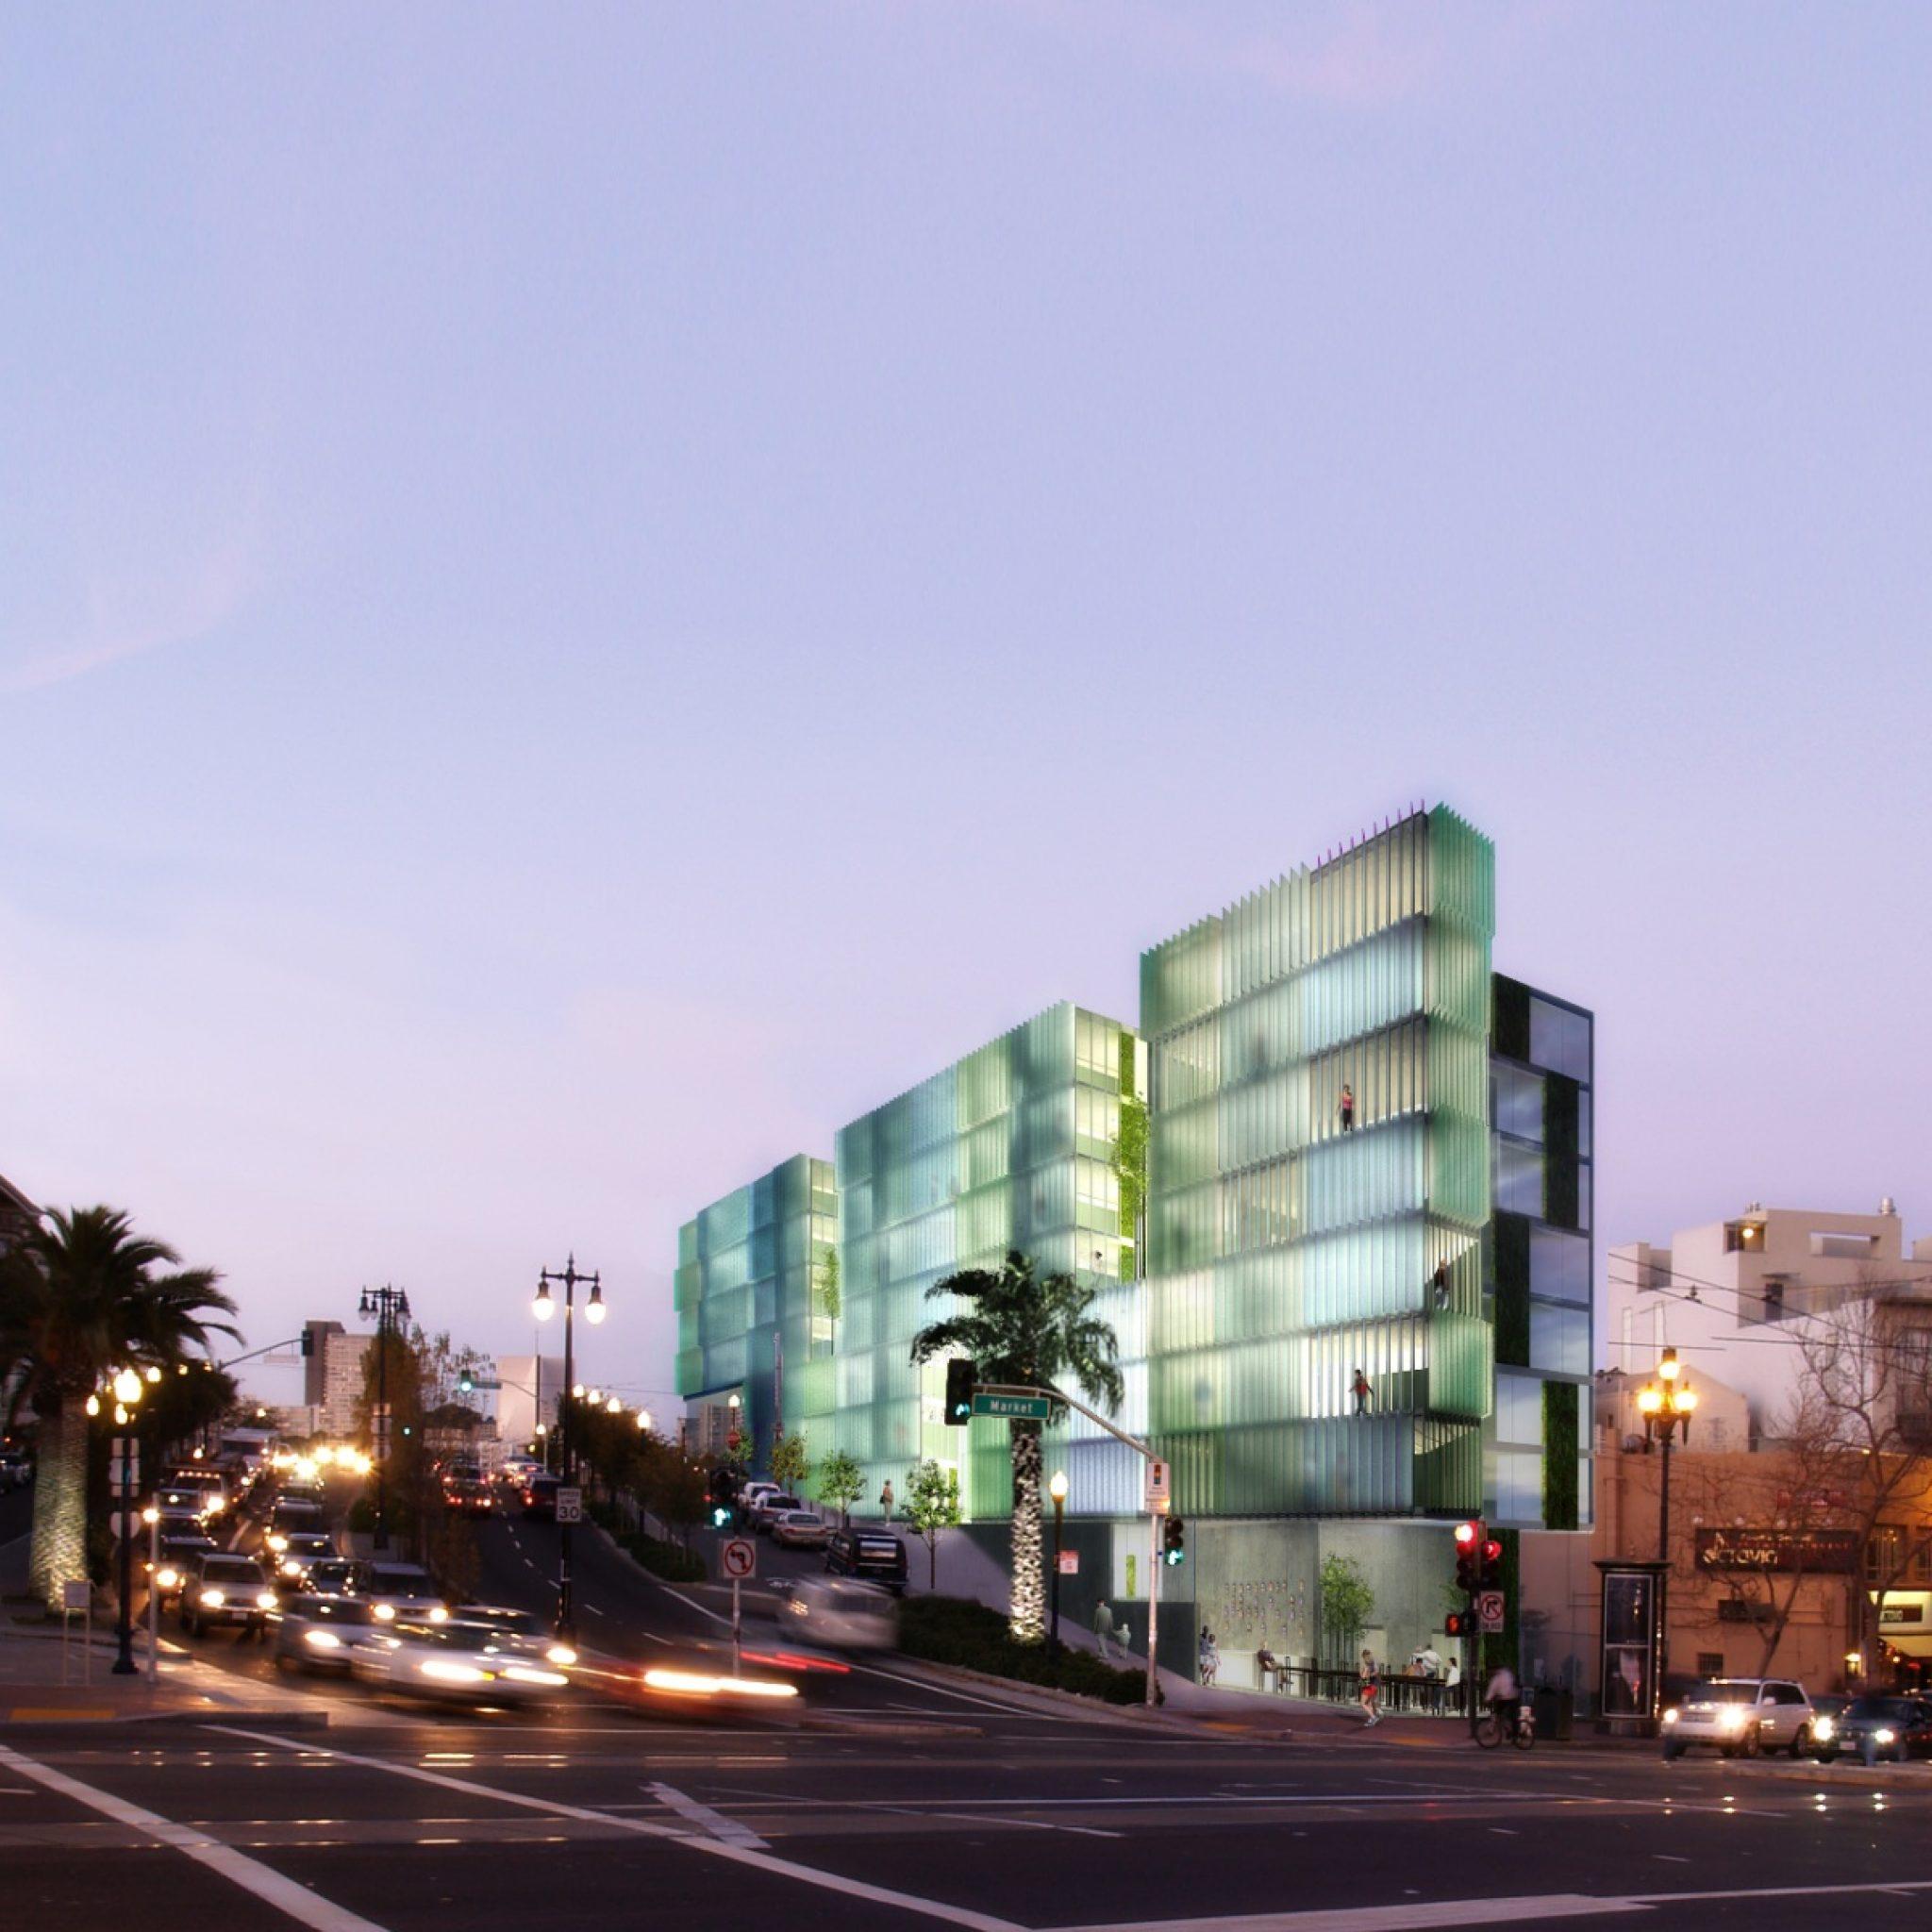 Octavia & Market Street rendering